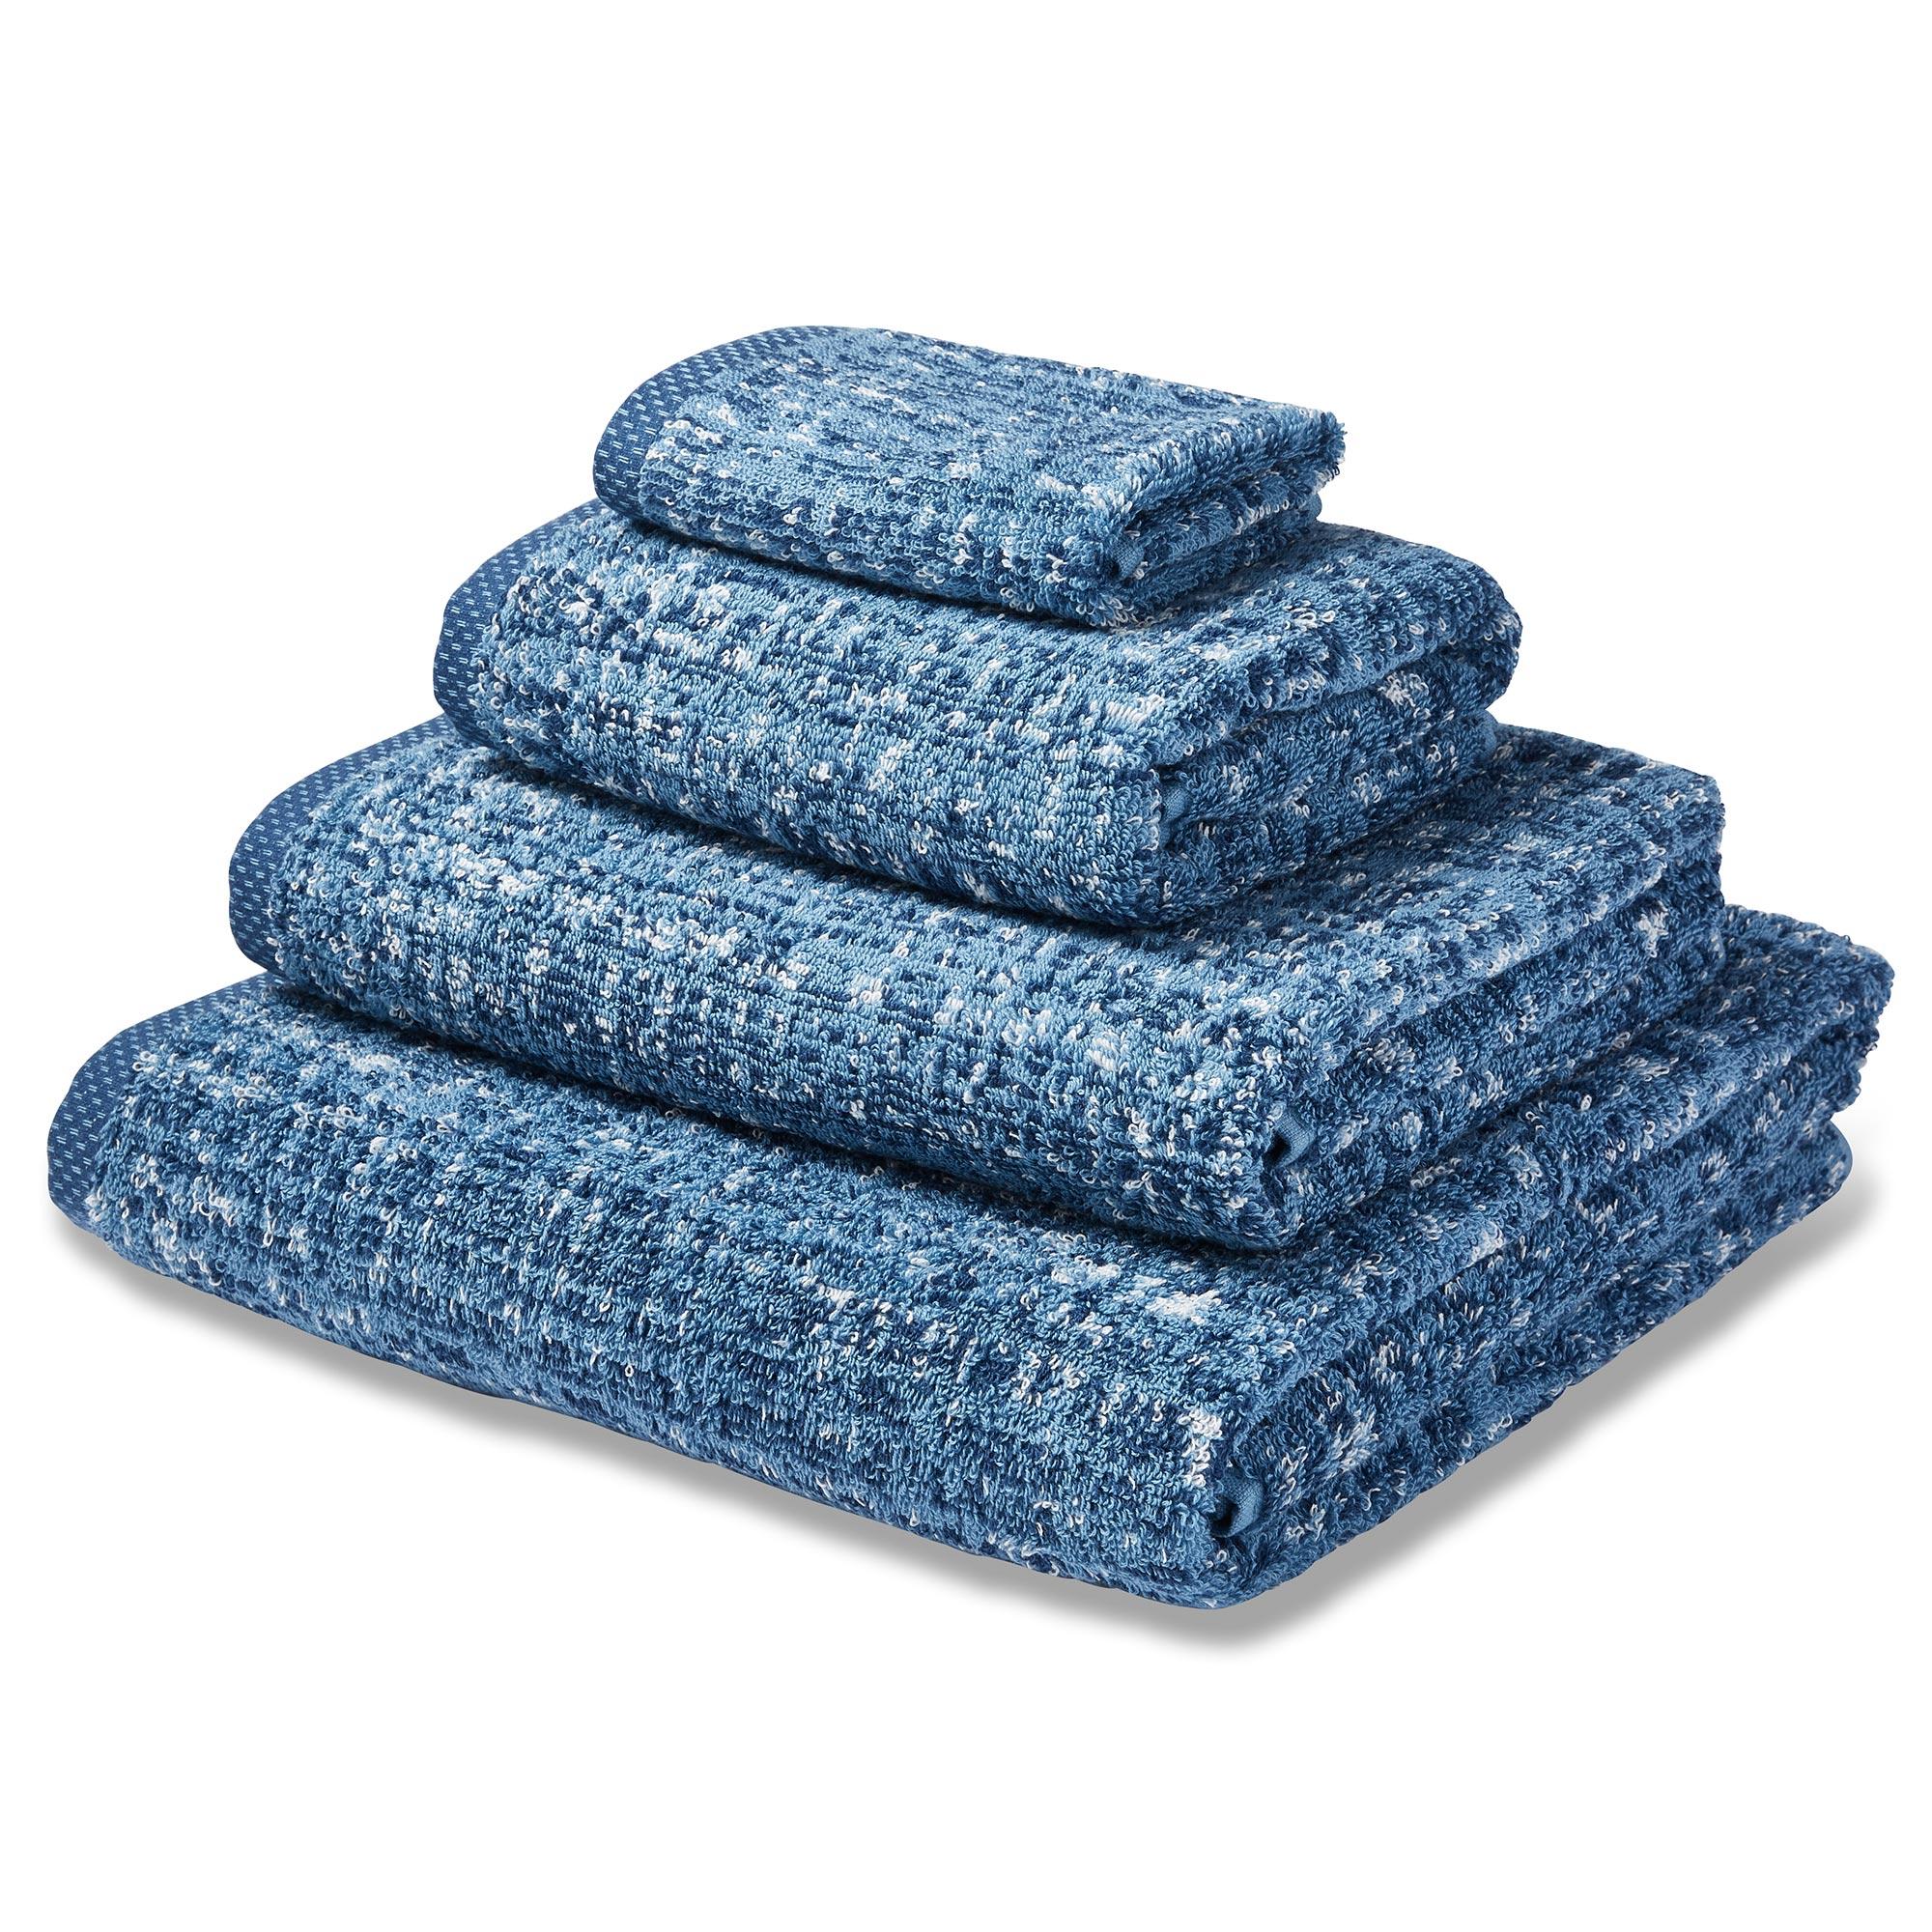 Photo of Regeneration indigo towel indigo blue